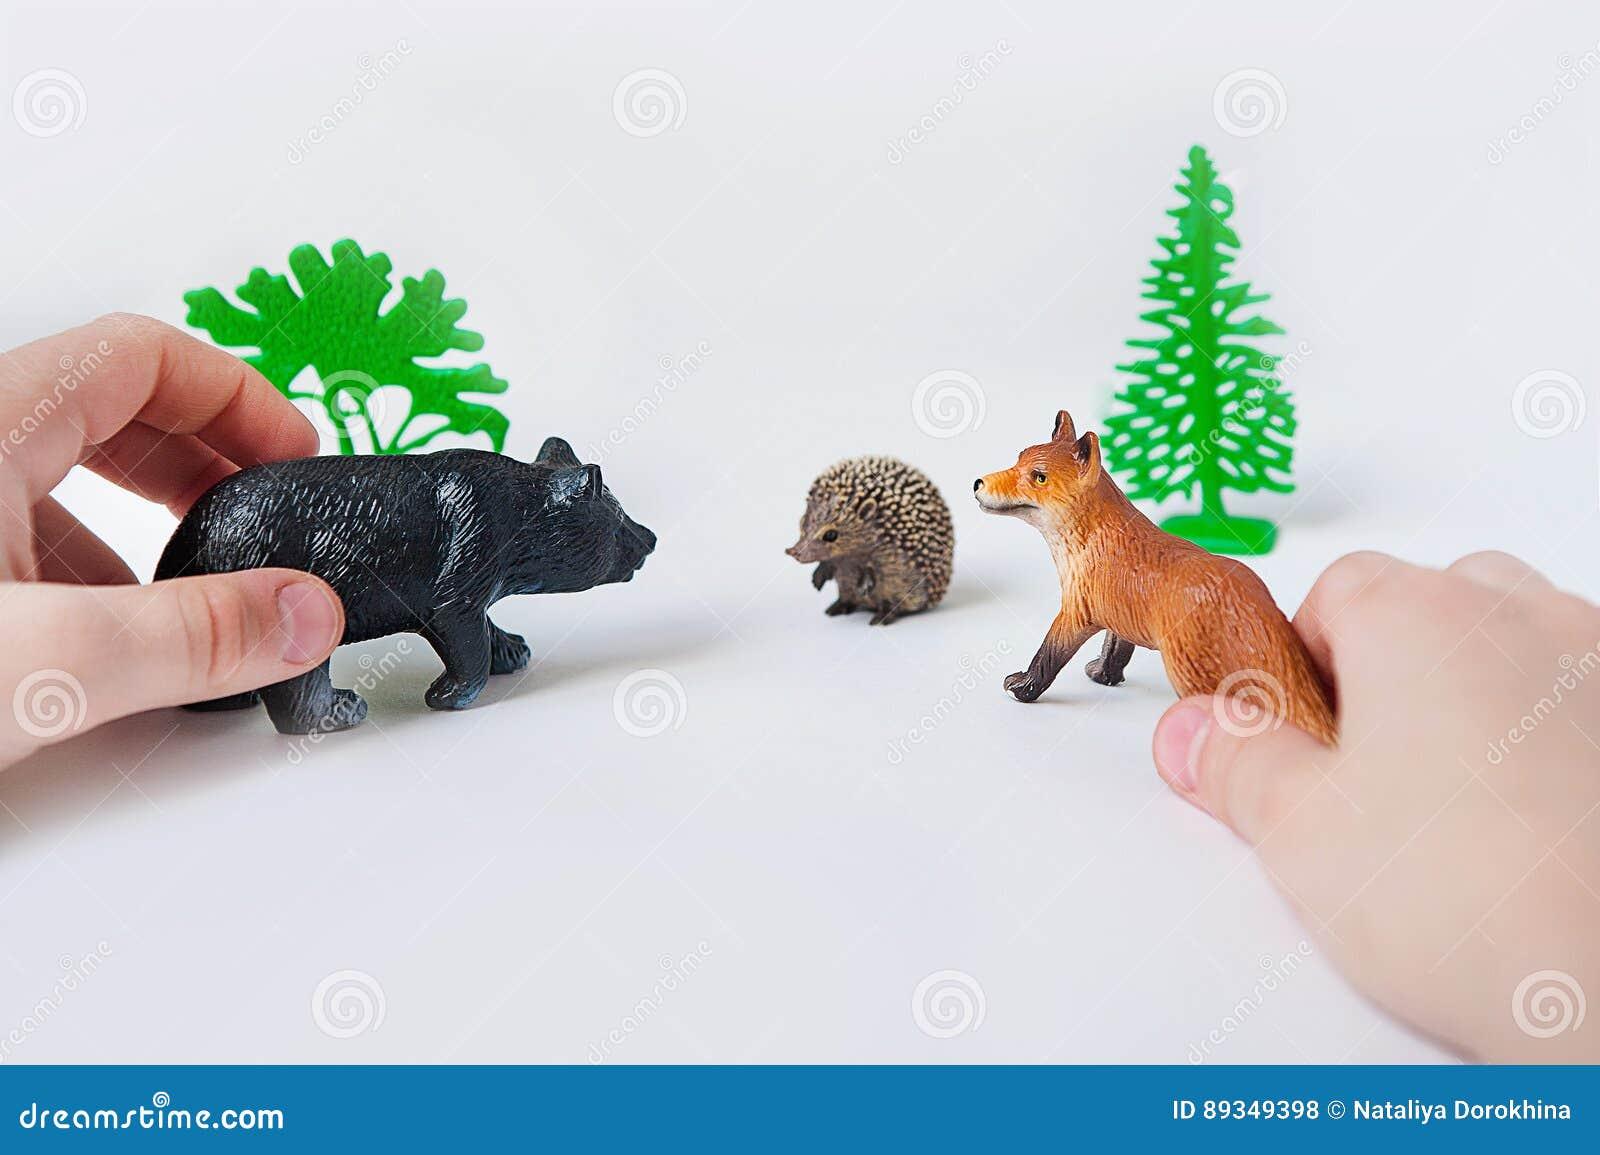 Foto dos brinquedos dos animais foto dos brinquedos dos animais selvagens